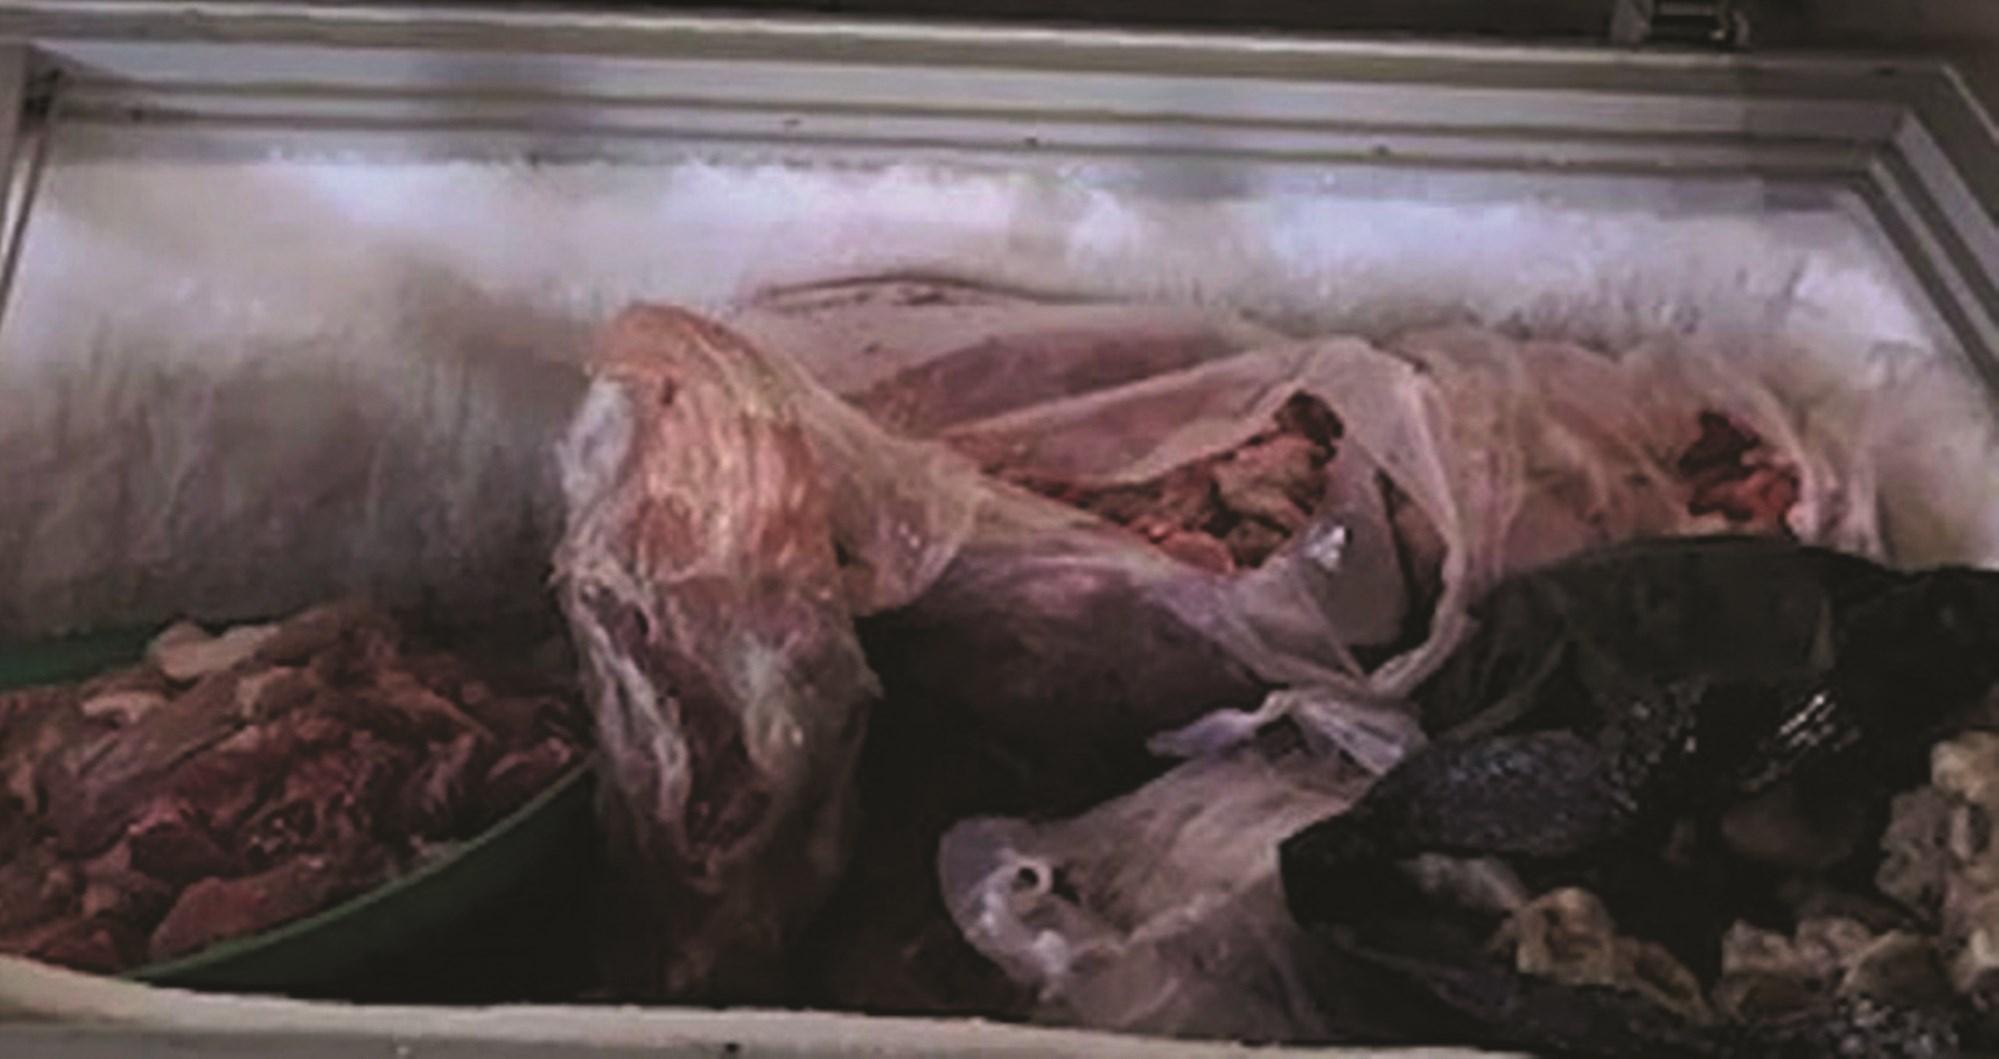 Một lượng lớn thịt nhiễm bệnh đang chuẩn bị được ông Tân đưa ra bán.